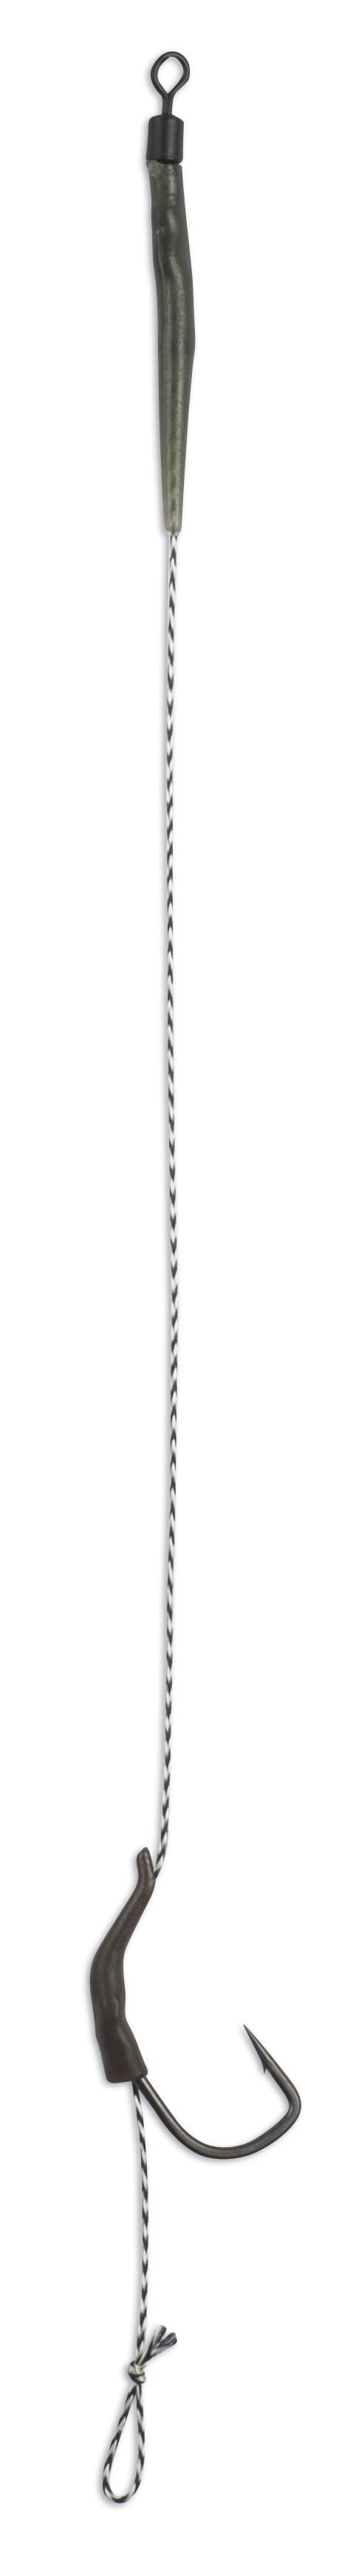 Nadväzec Anaconda Piercer Line Aligner Rig Angle 90 TGX s protihrotom č.6